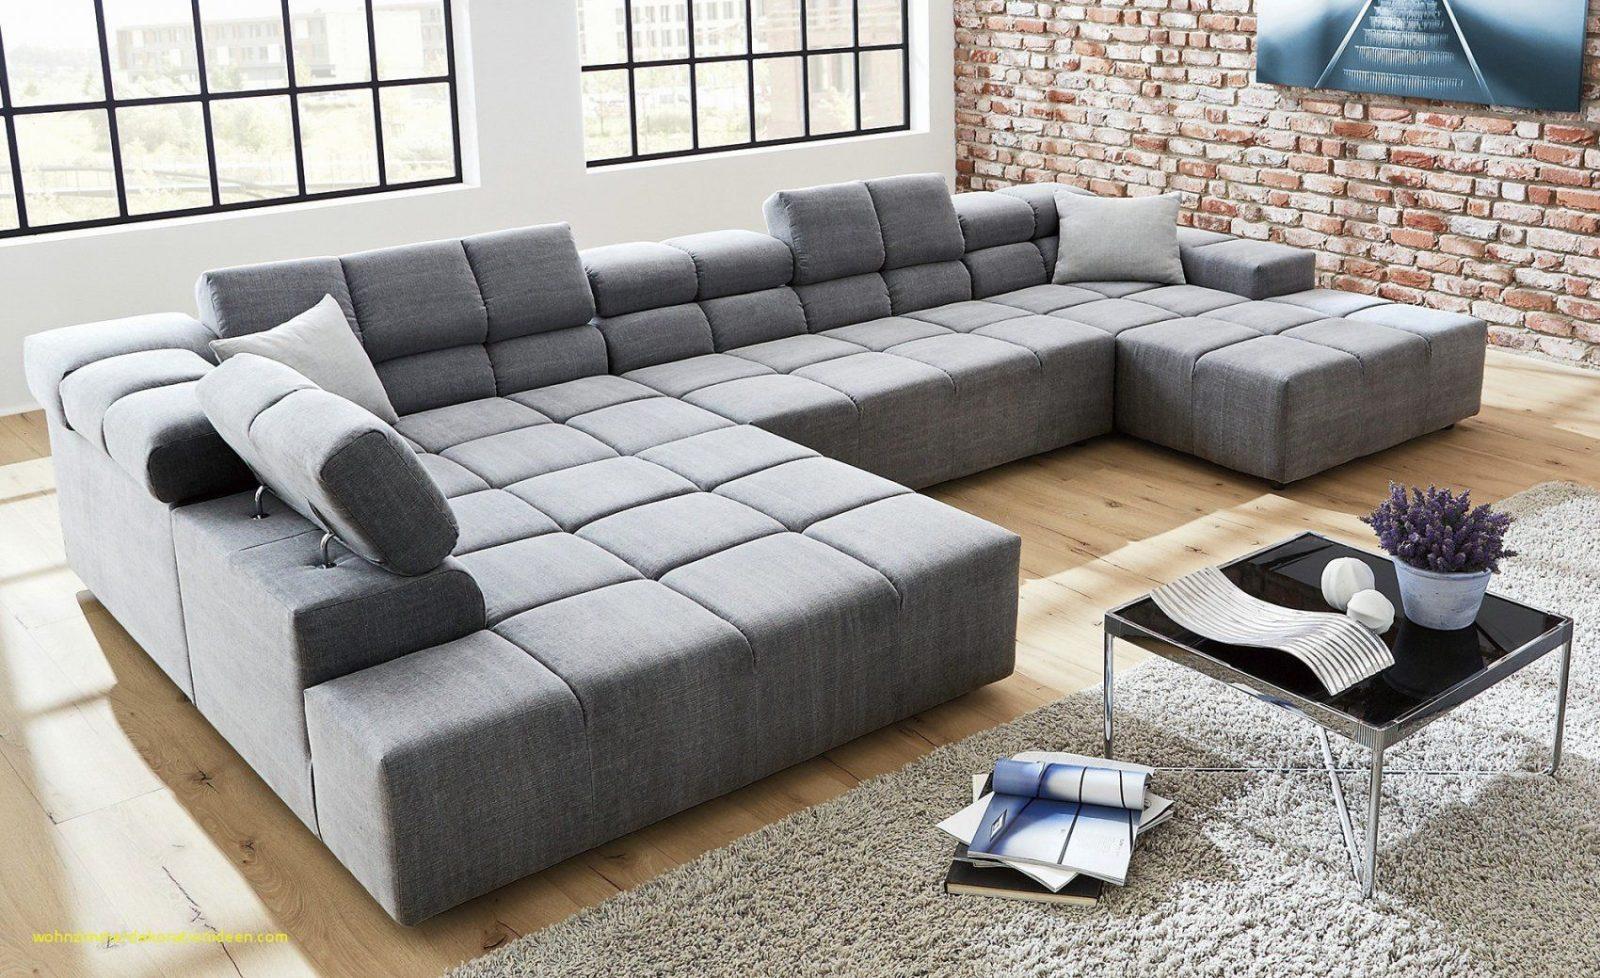 Sofa 3 Meter Breit Best Sofa Bonnet Lux L Cm X Cm Cm Furniture Brw von Sofa 3 Meter Breit Bild